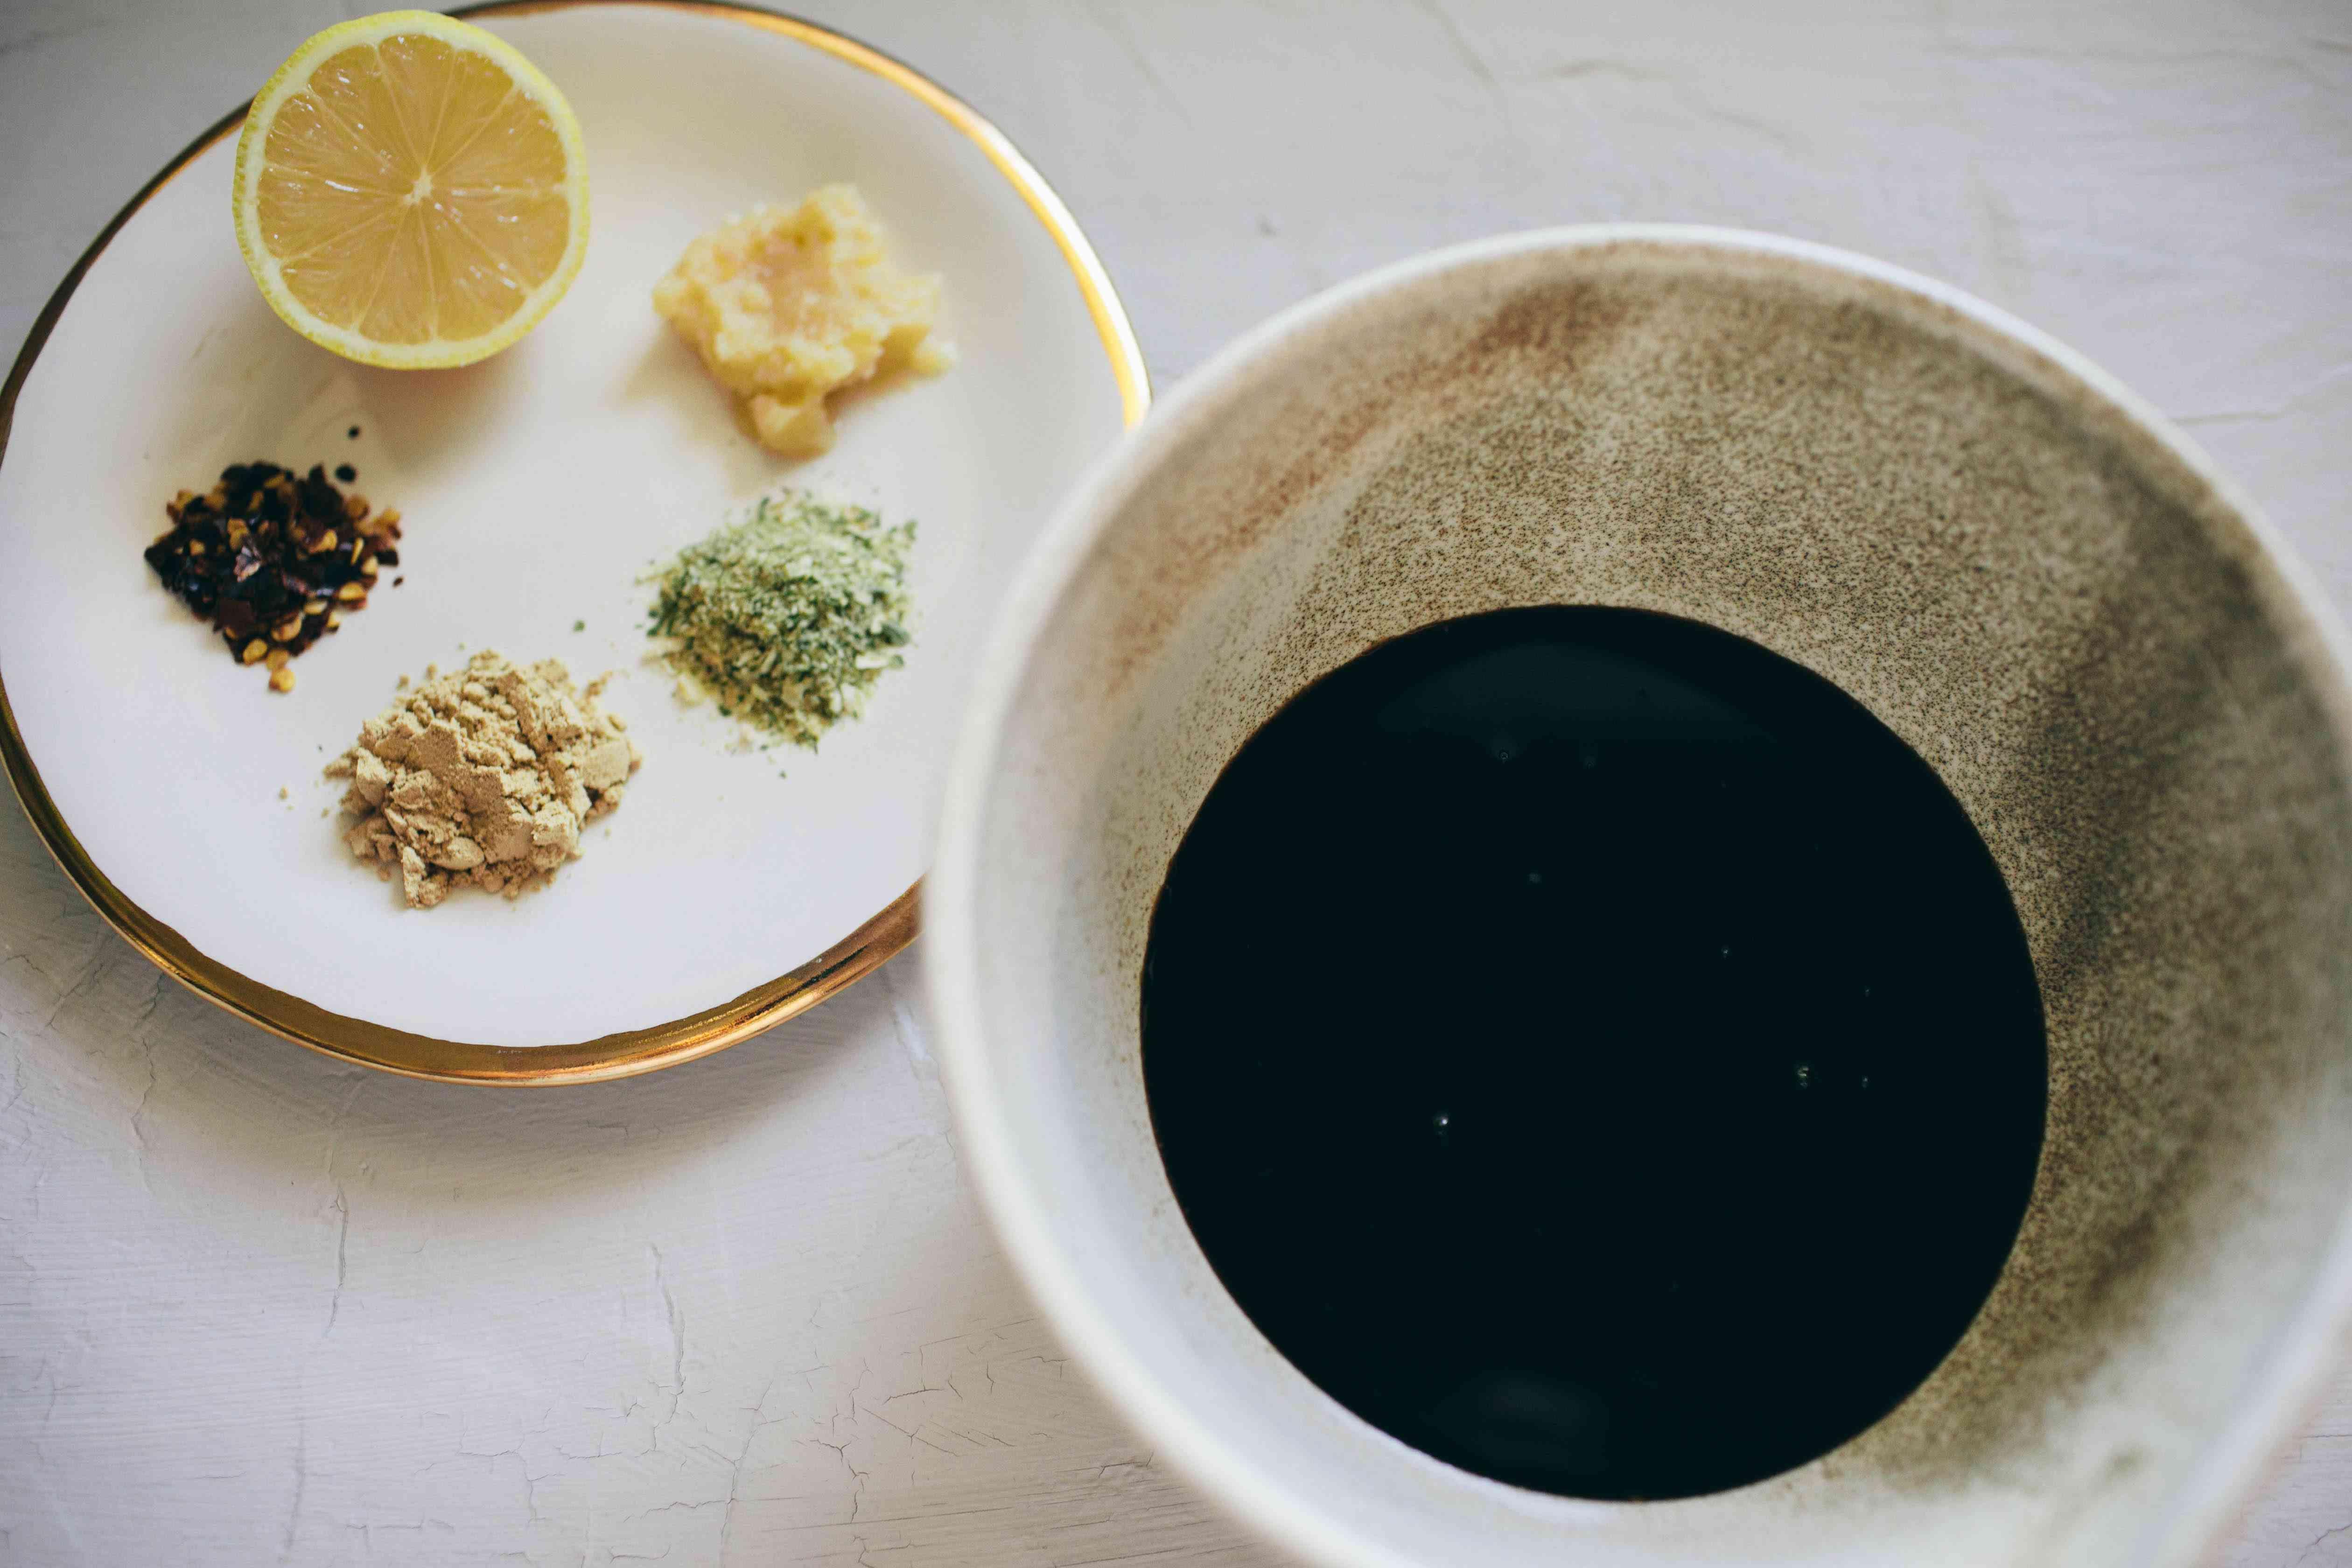 Mix together marinade ingredients for Honey Garlic Shrimp